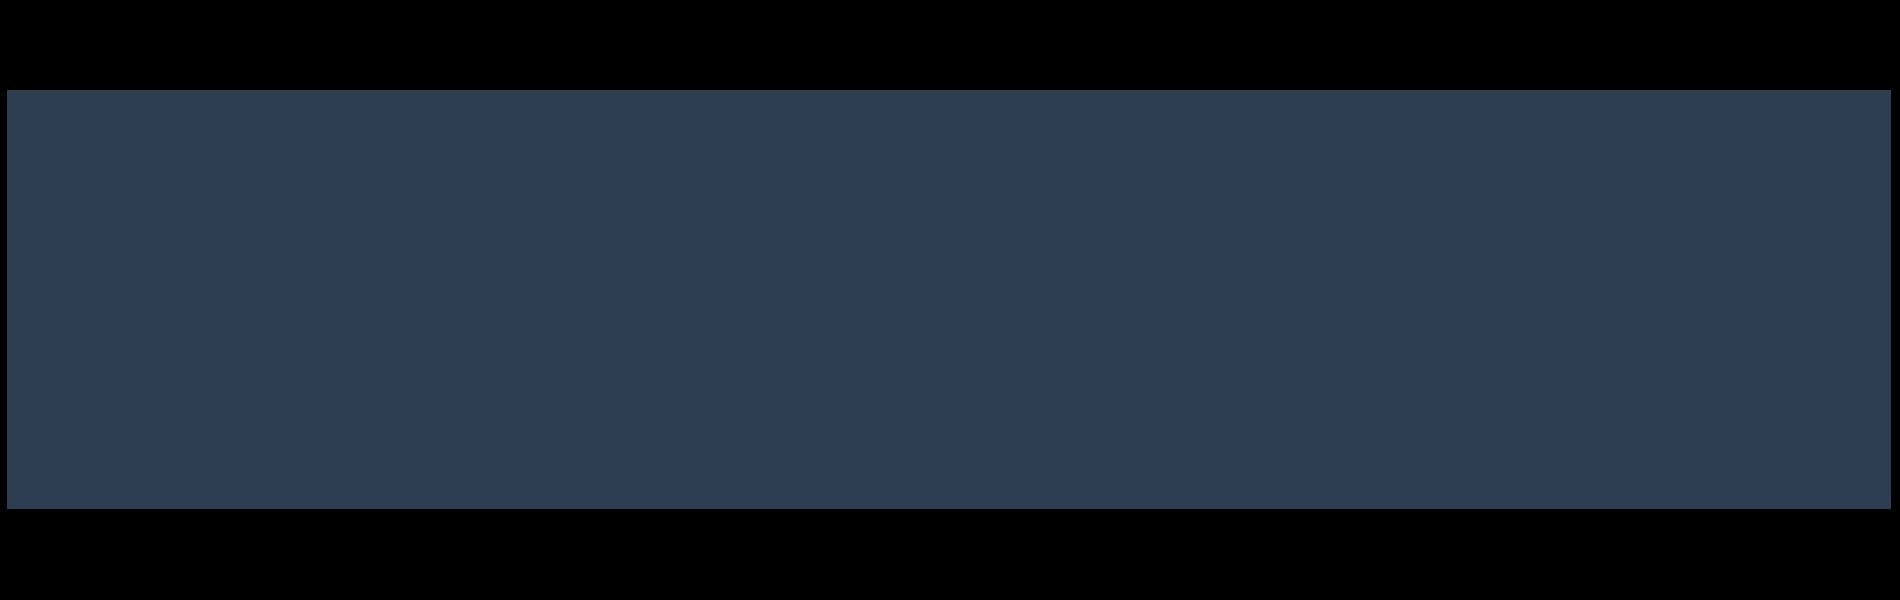 Stillwhite logo